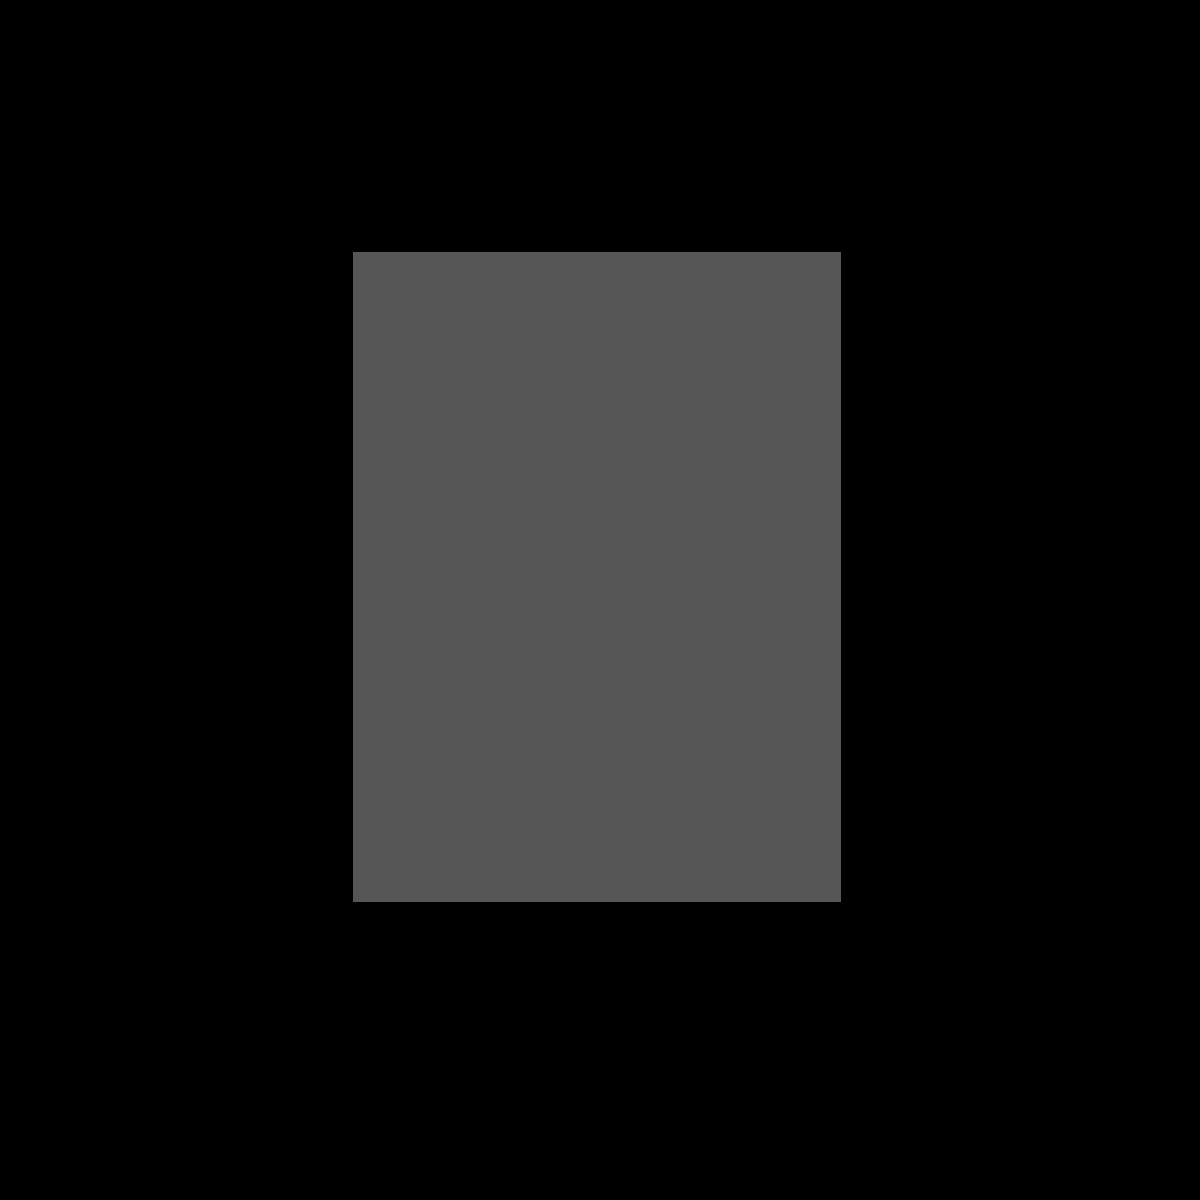 DITRAVERSO-MTR